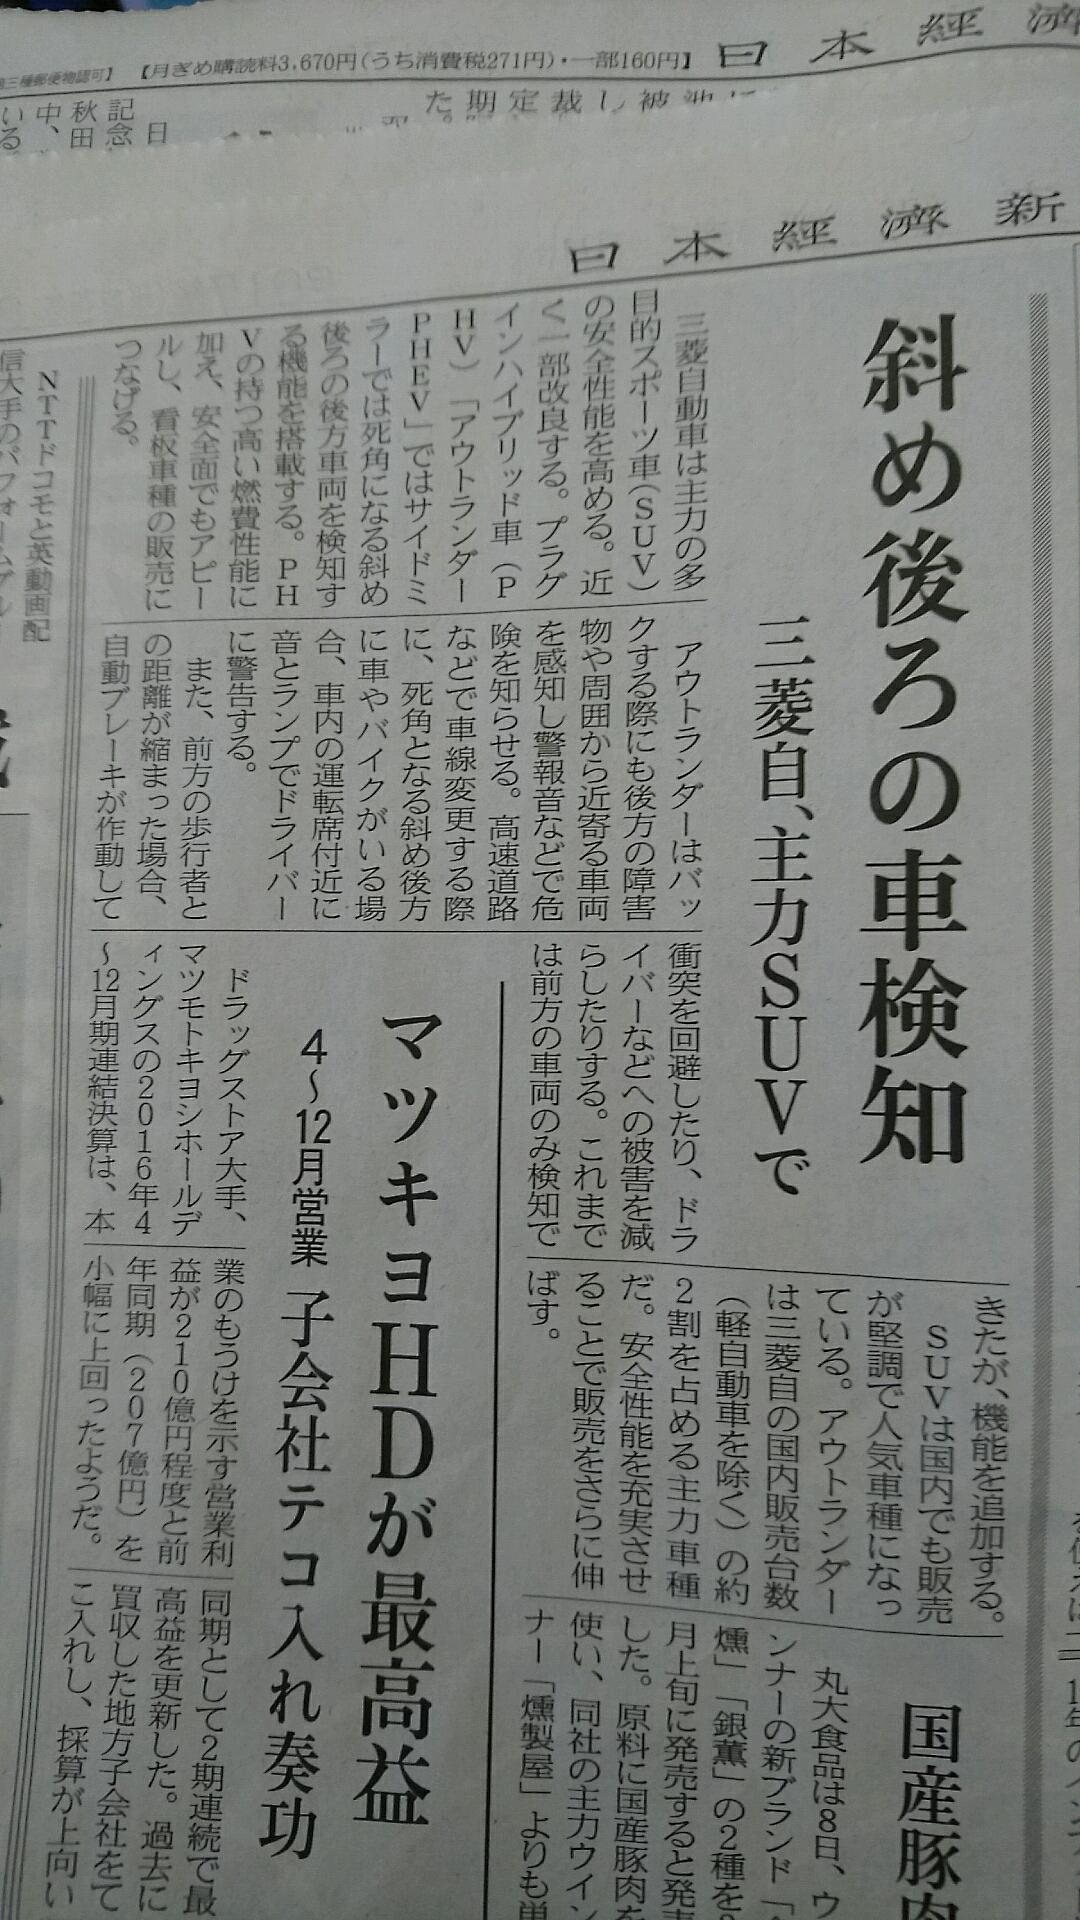 アウトランダーPHEV マイナーチェンジ2017 日経紙